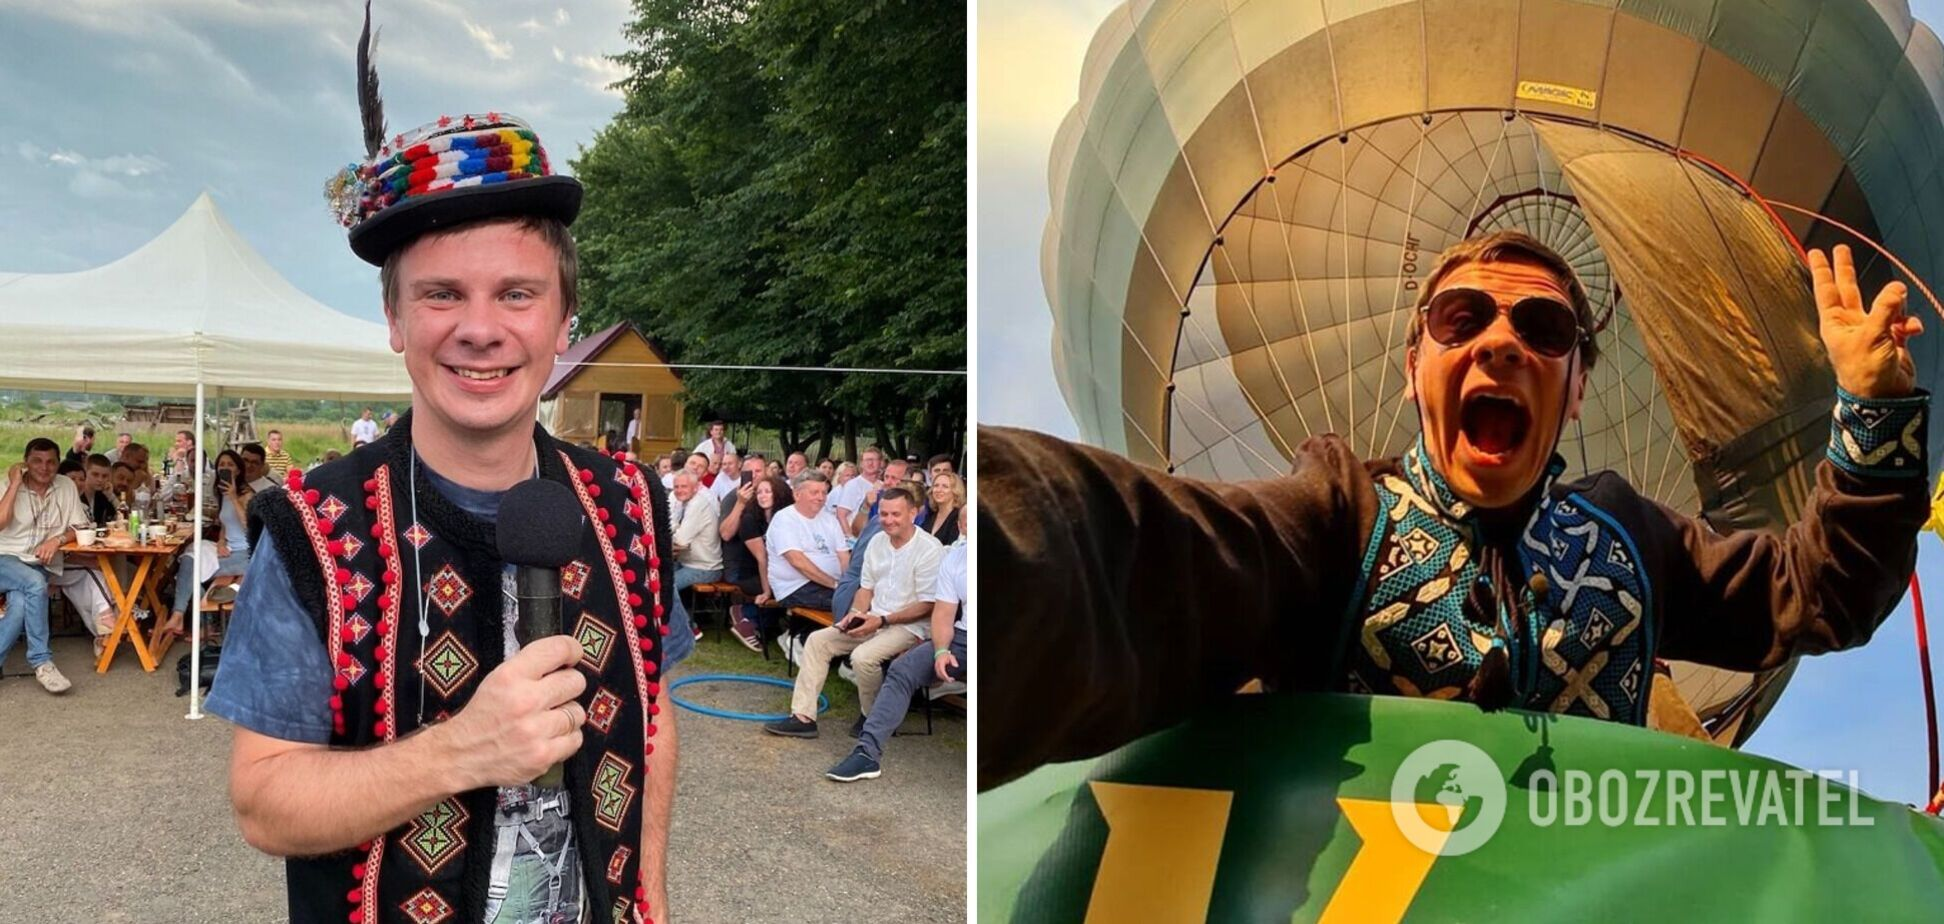 Дмитрий Комаров запускает новый проект 'Мандруй Україною'